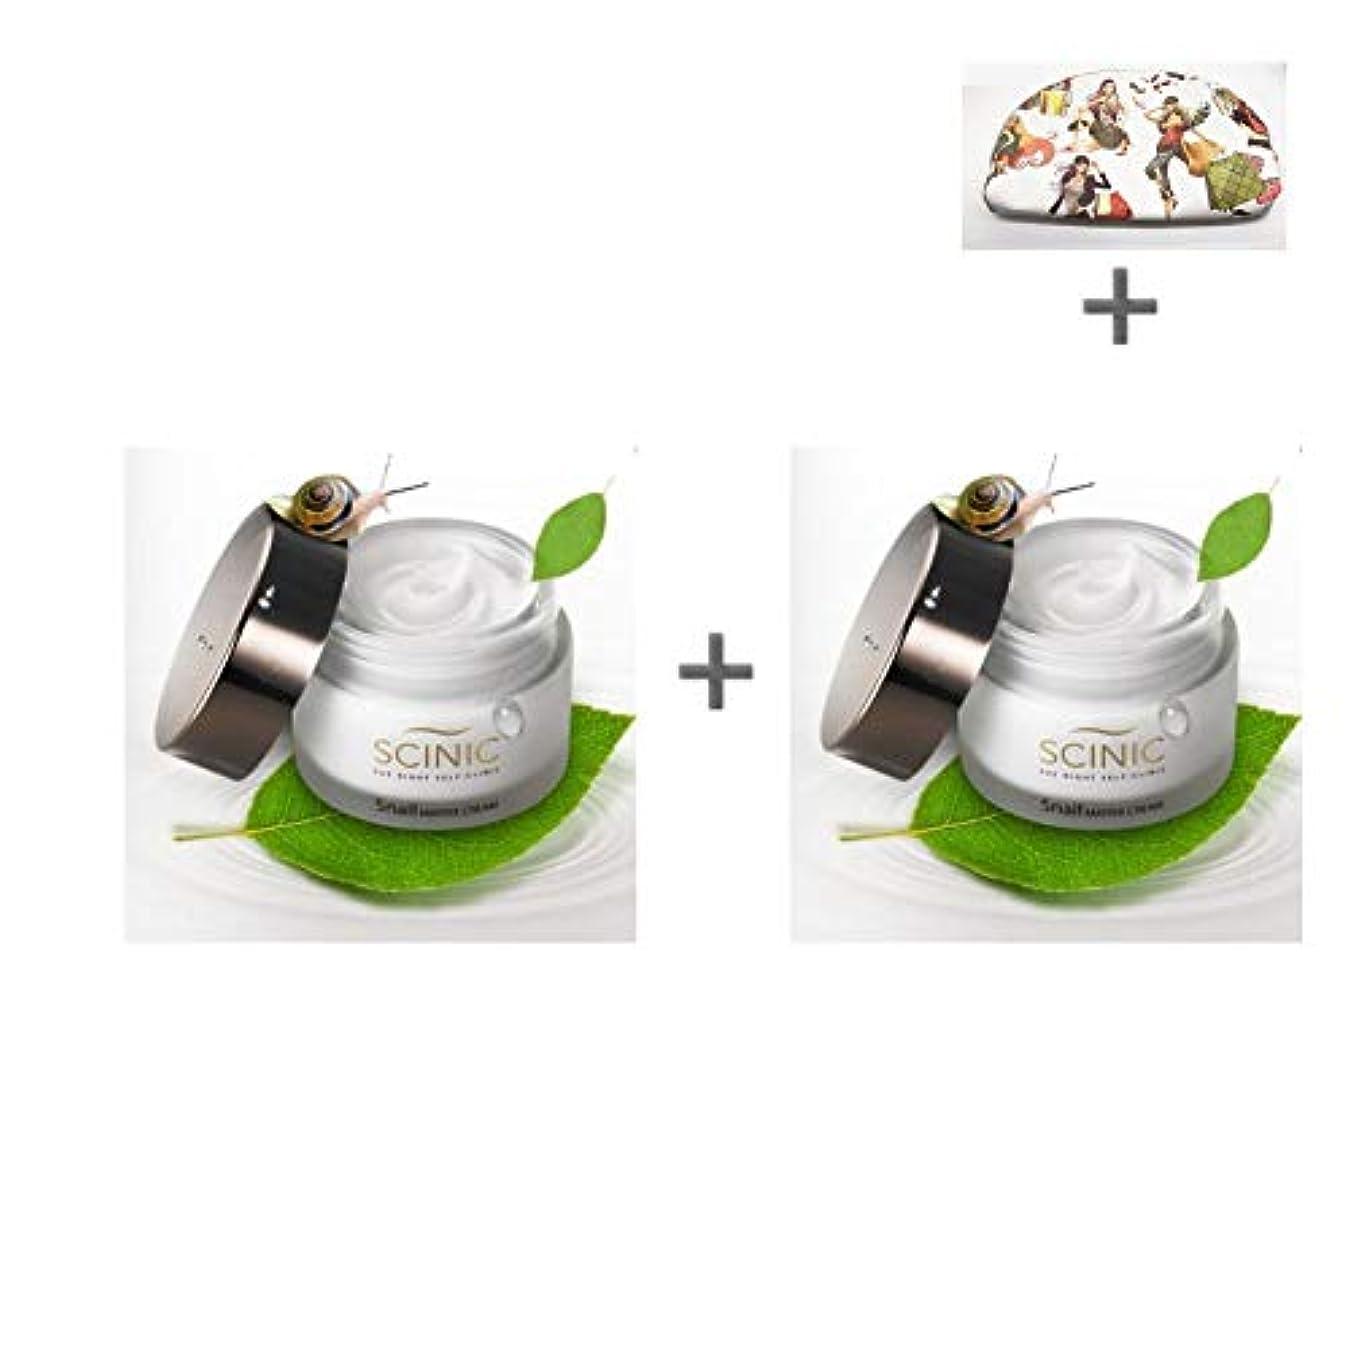 チャンスやけどに対応する[サイニク] Scinic サイニク カタツムリクリーム ぷりぷり モチーフ肌 保湿 栄養 クリーム 50ml 1+1 / Scinic Snail Cream [海外直送品][並行輸入品]